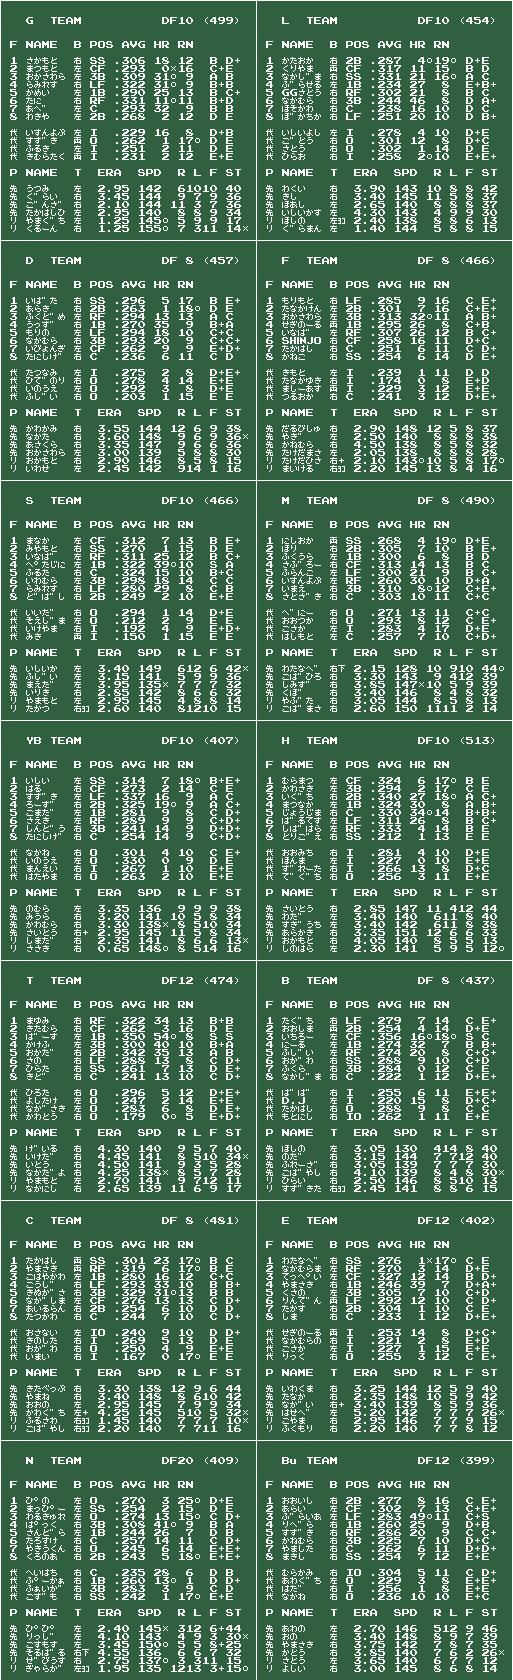 ファミスタ 1984〜2009 日本一版 v2010/09/16 チームデータ